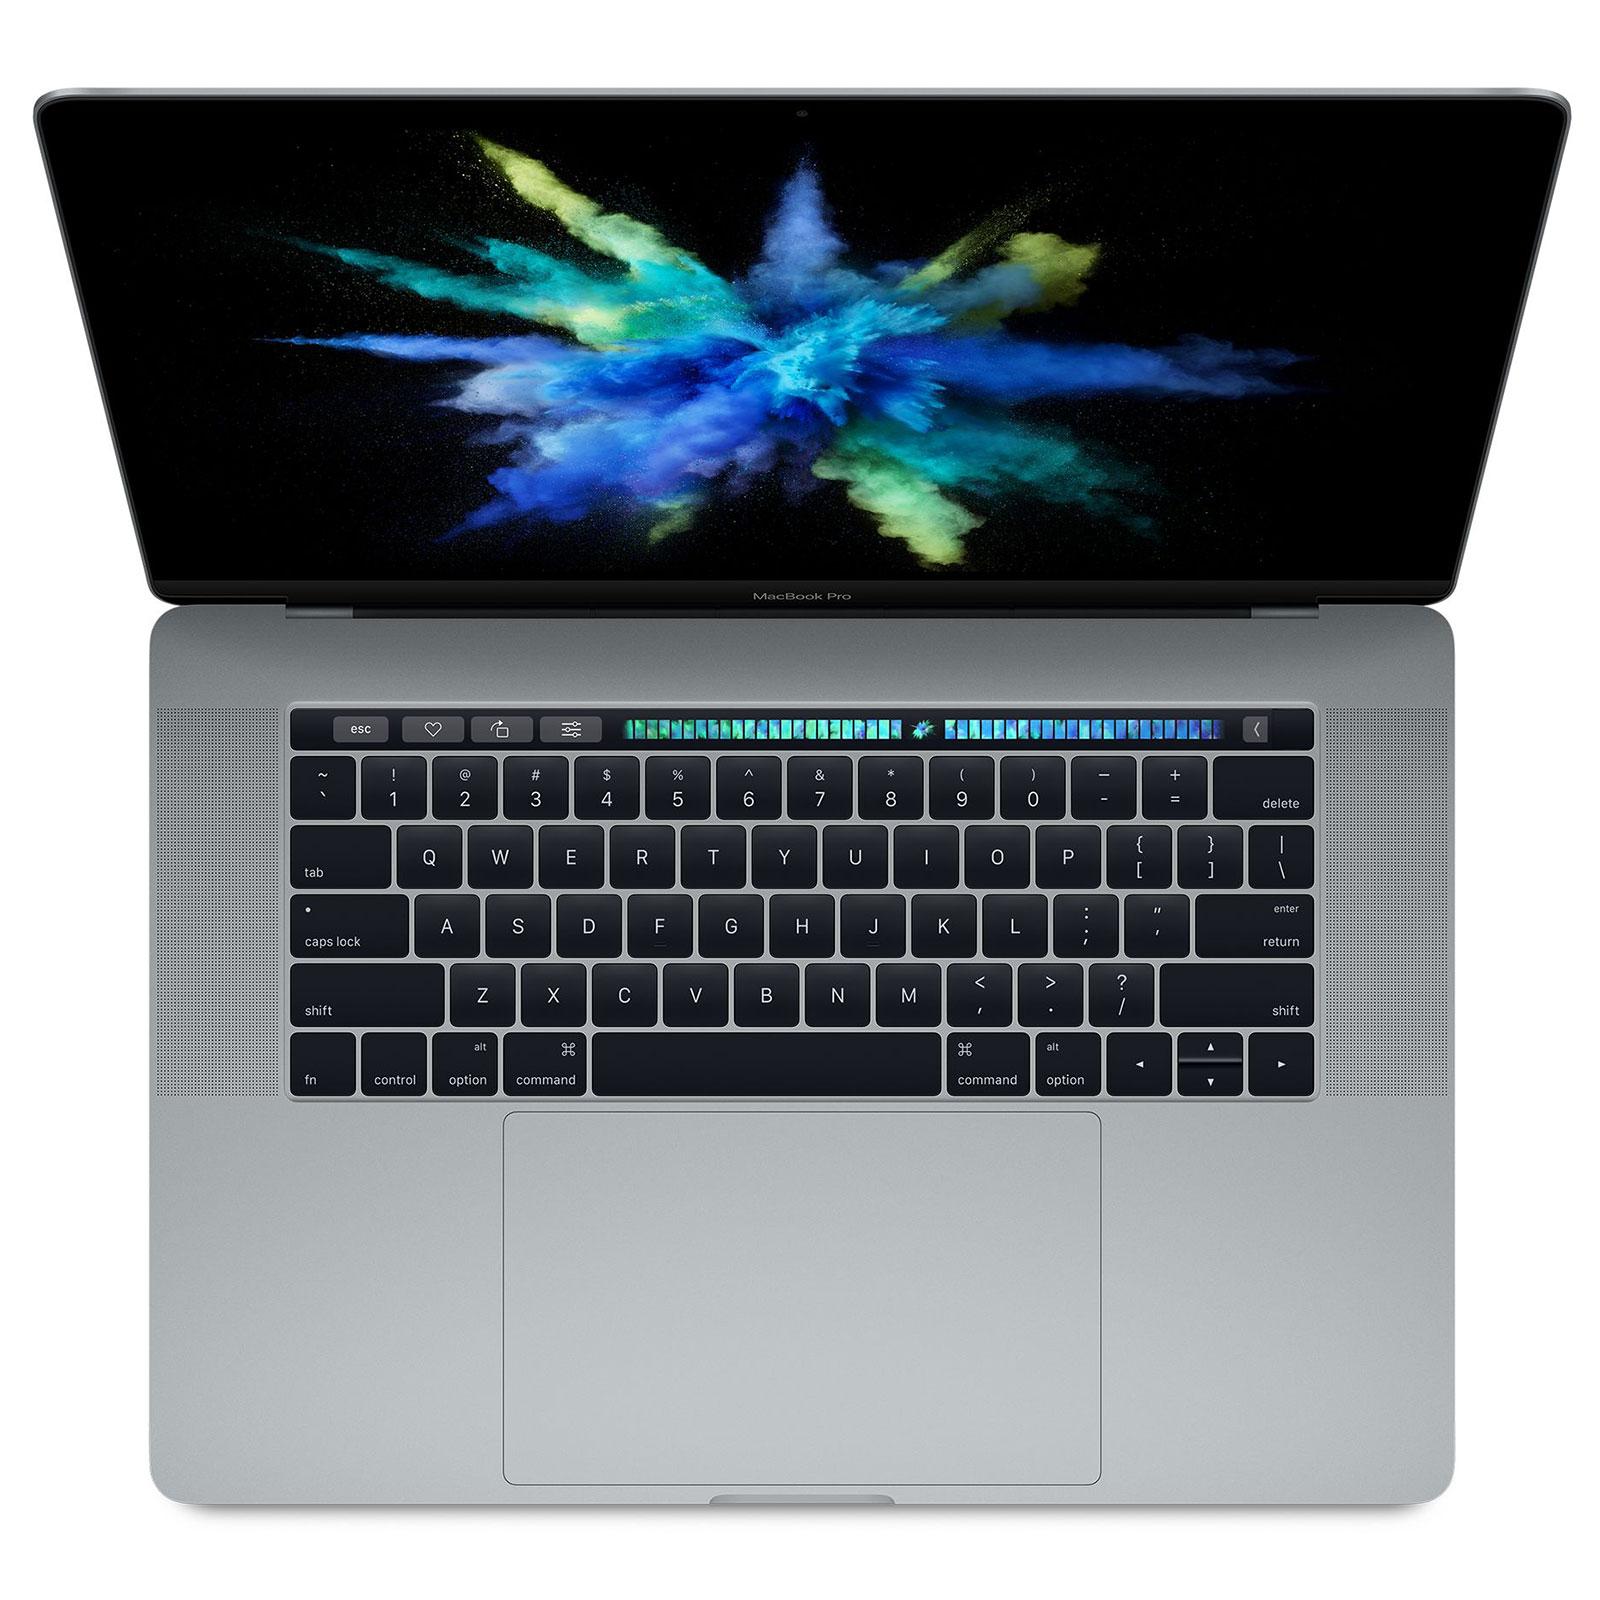 Tous les MacBook Air bénéficient de la nouvelle version de l'OS d'Apple, Mac OS X Lion, sorti simultanément [5 ].